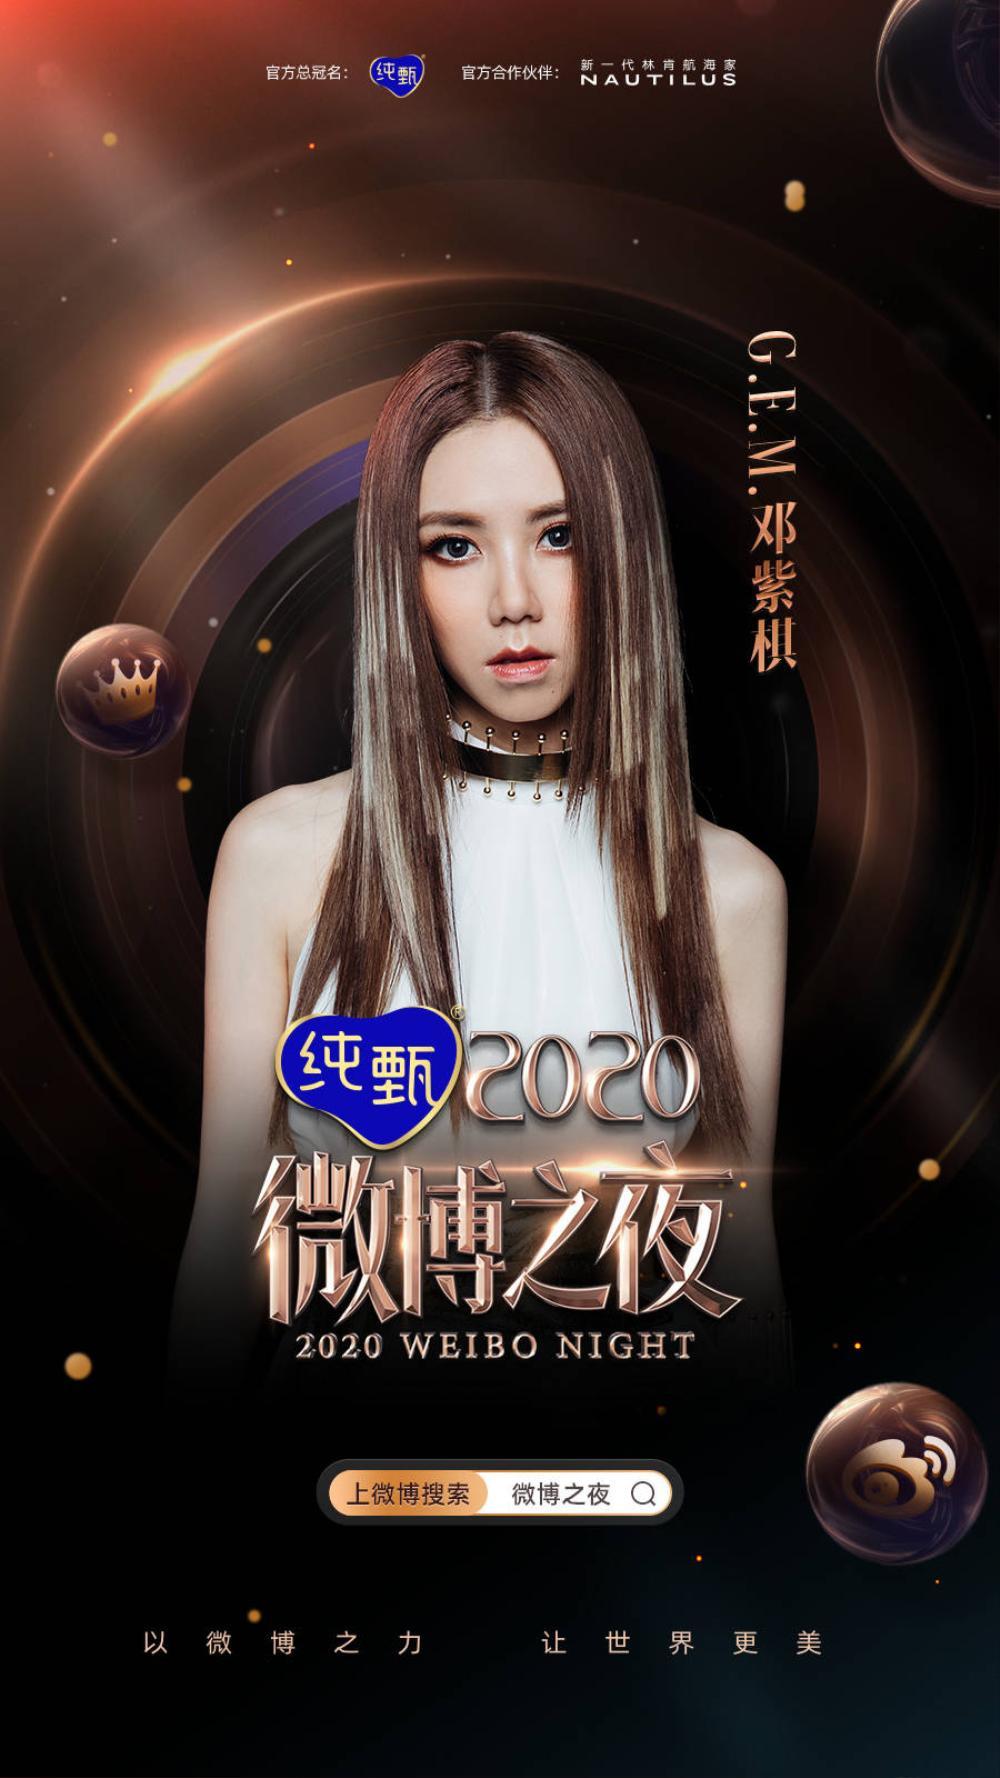 Tiêu Chiến - Địch Lệ Nhiệt Ba và Vương Tuấn Khải xác nhận tham dự 'Đêm hội Weibo 2020' Ảnh 1